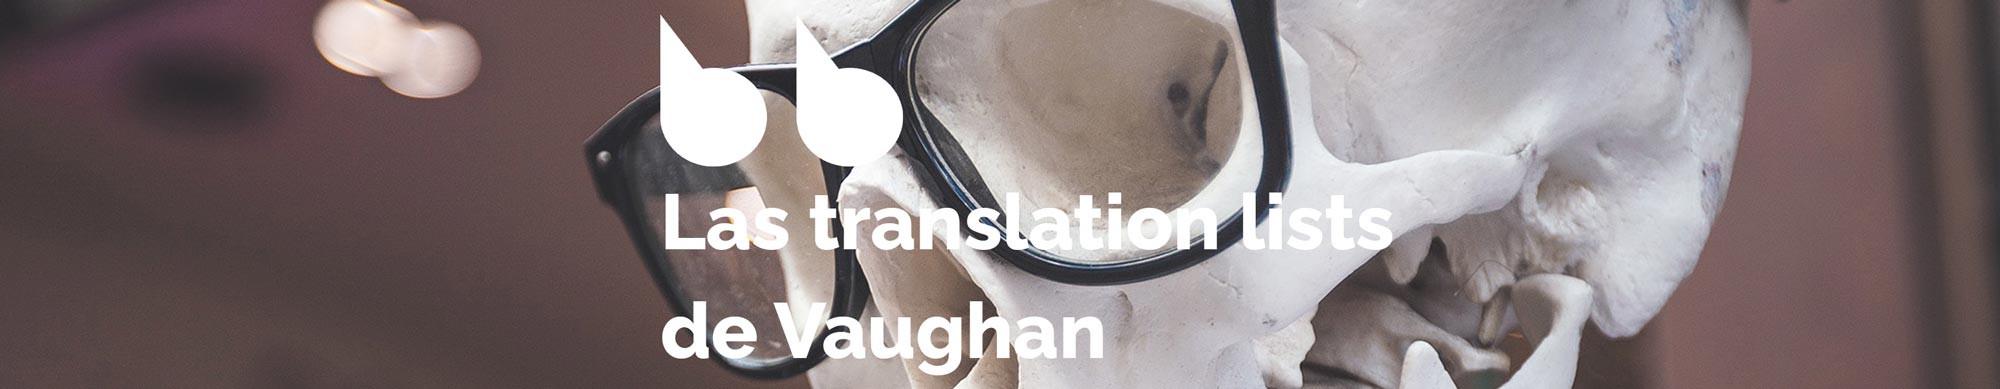 Ejercicios de inglés de nivel avanzado - Translation List 31